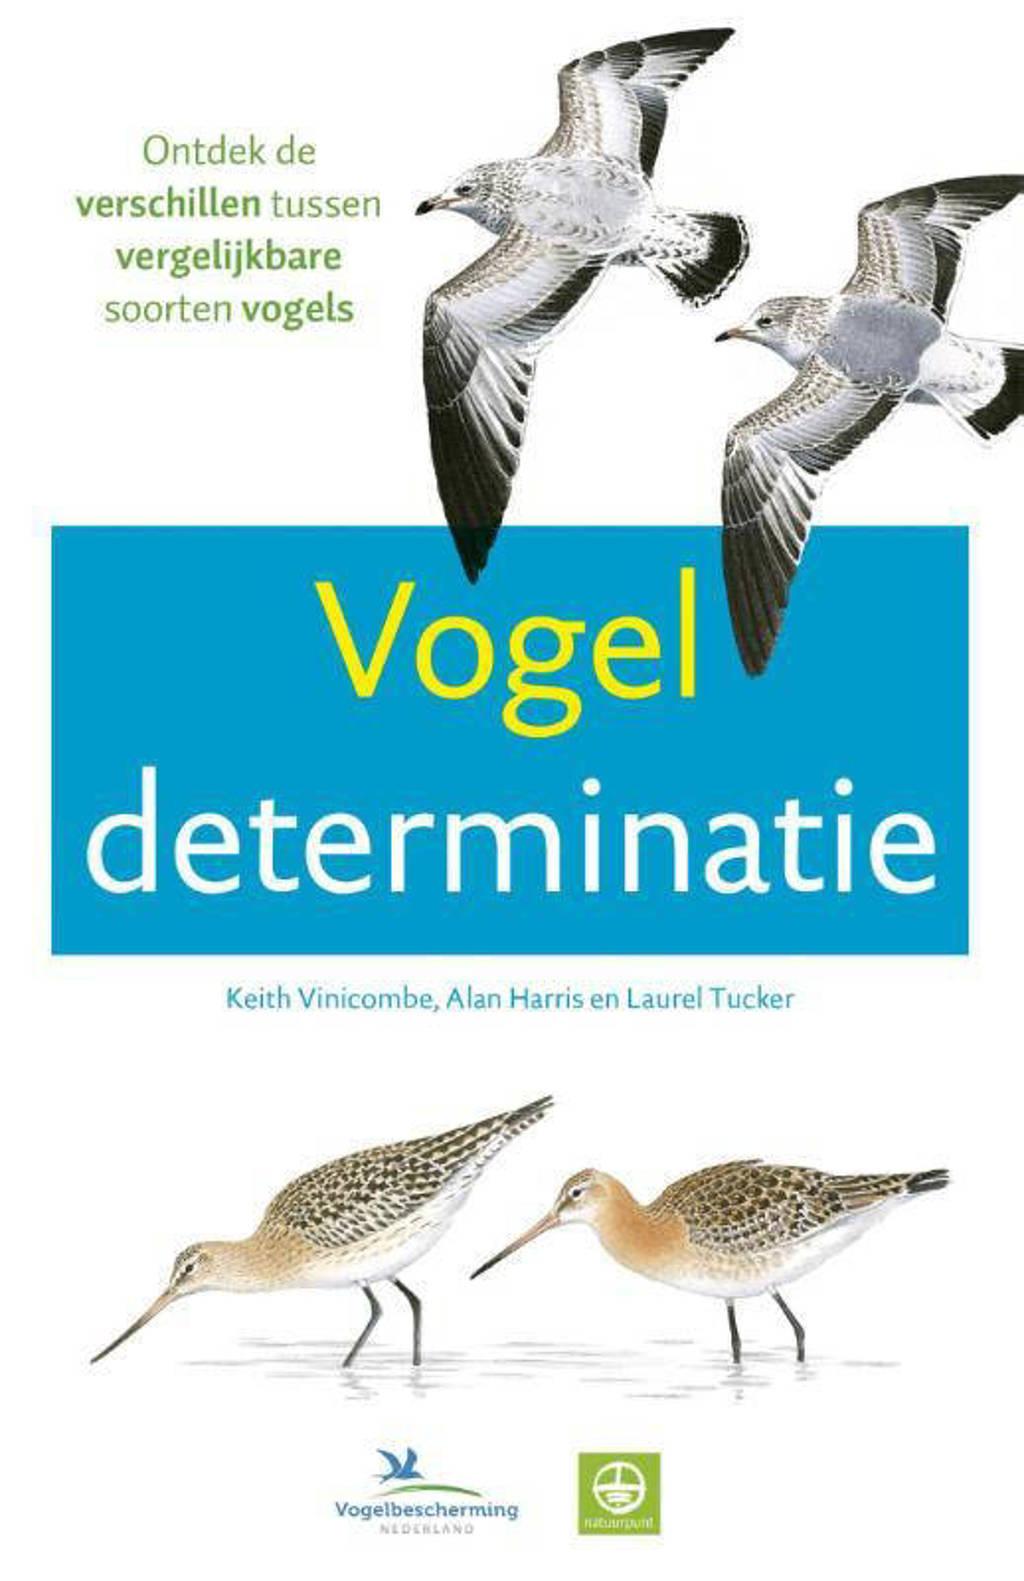 Vogeldeterminatie - Keith Vinicombe, Alan Harris en Laurel Tucker